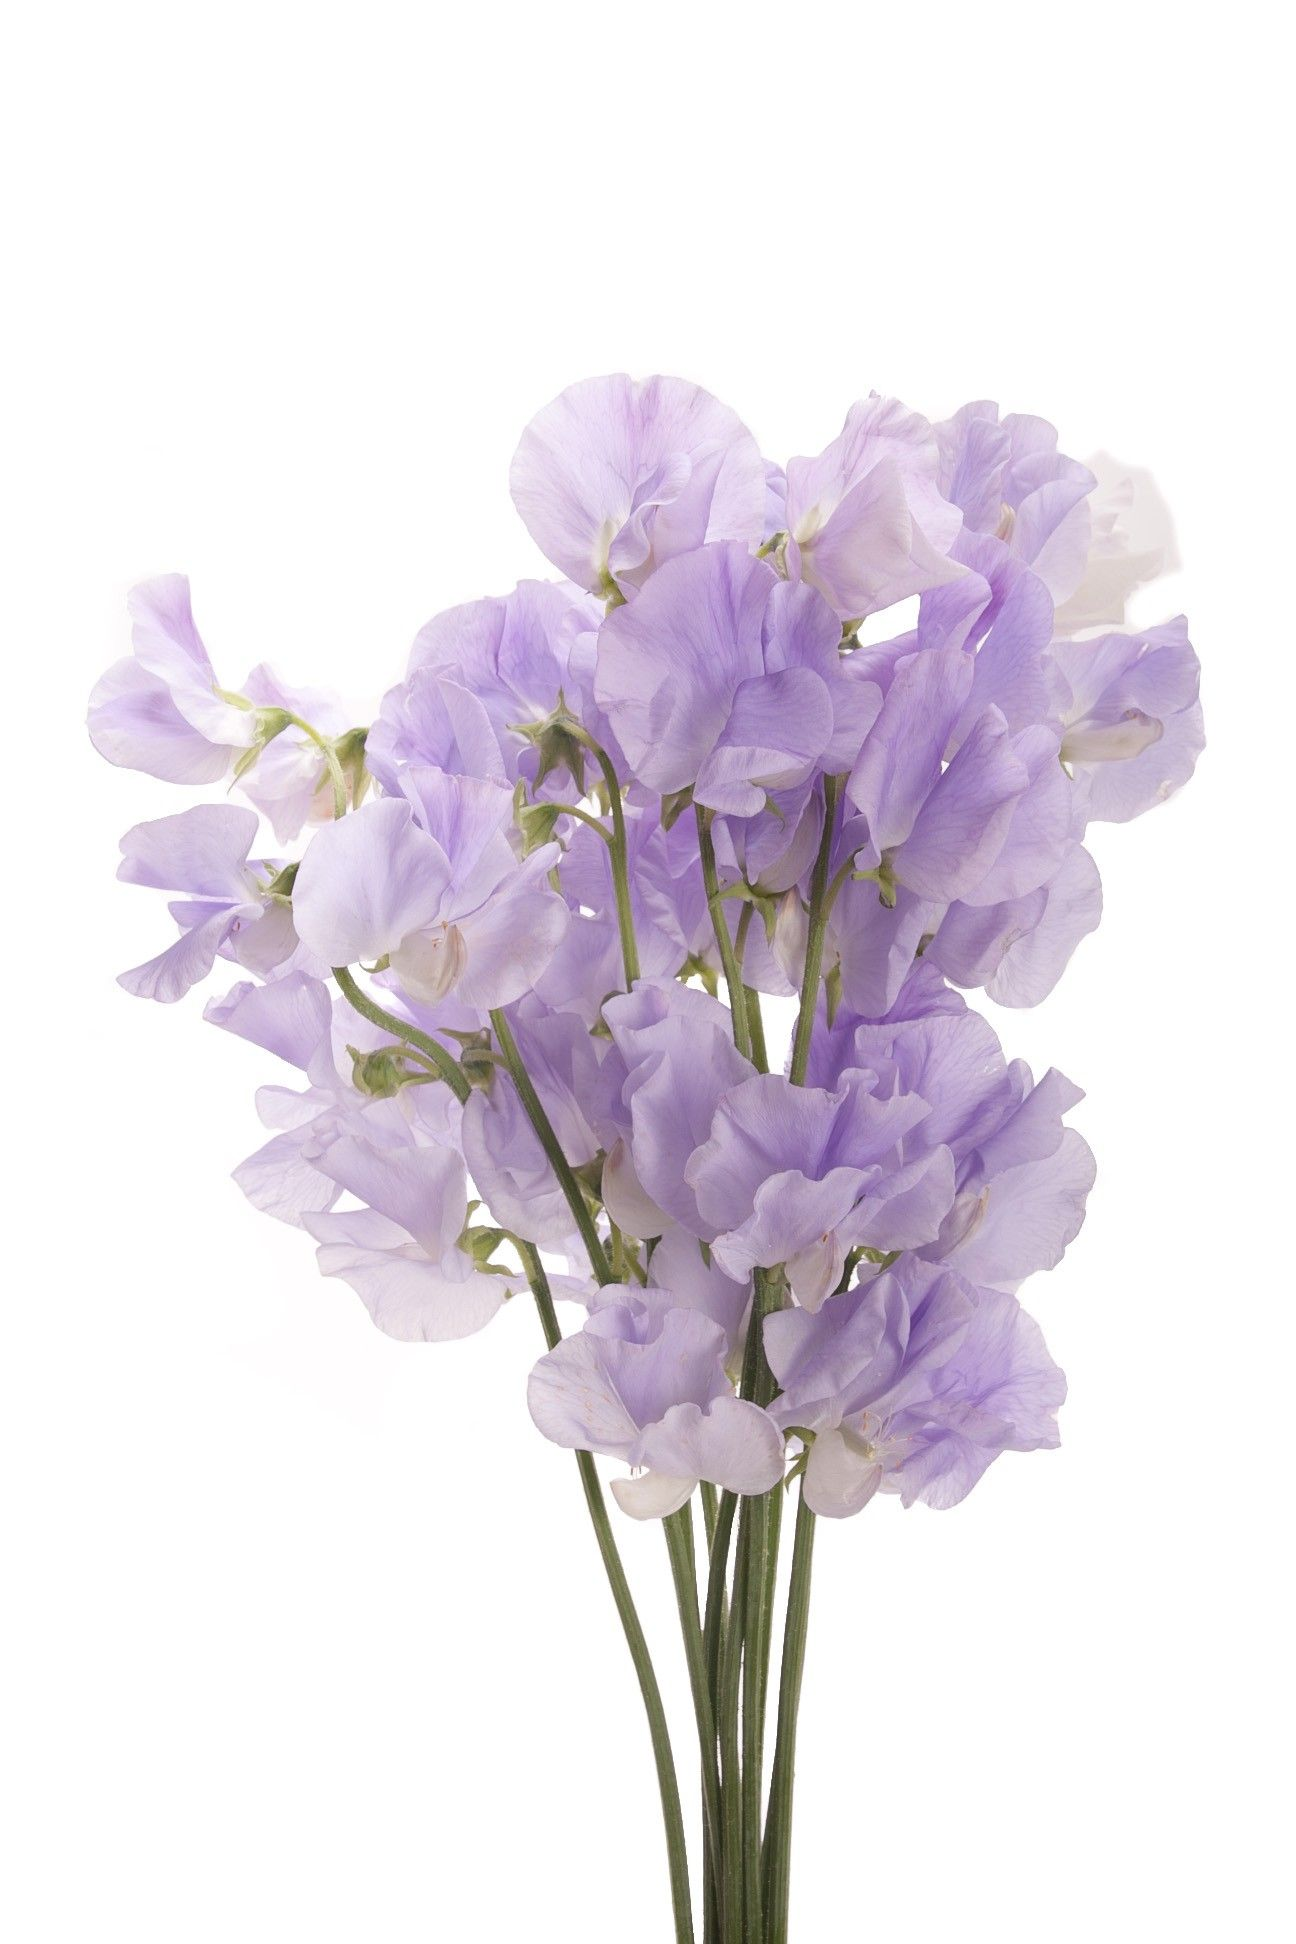 Lavender Sweet Peas Sweet Peas Types of Flowers Flower Muse